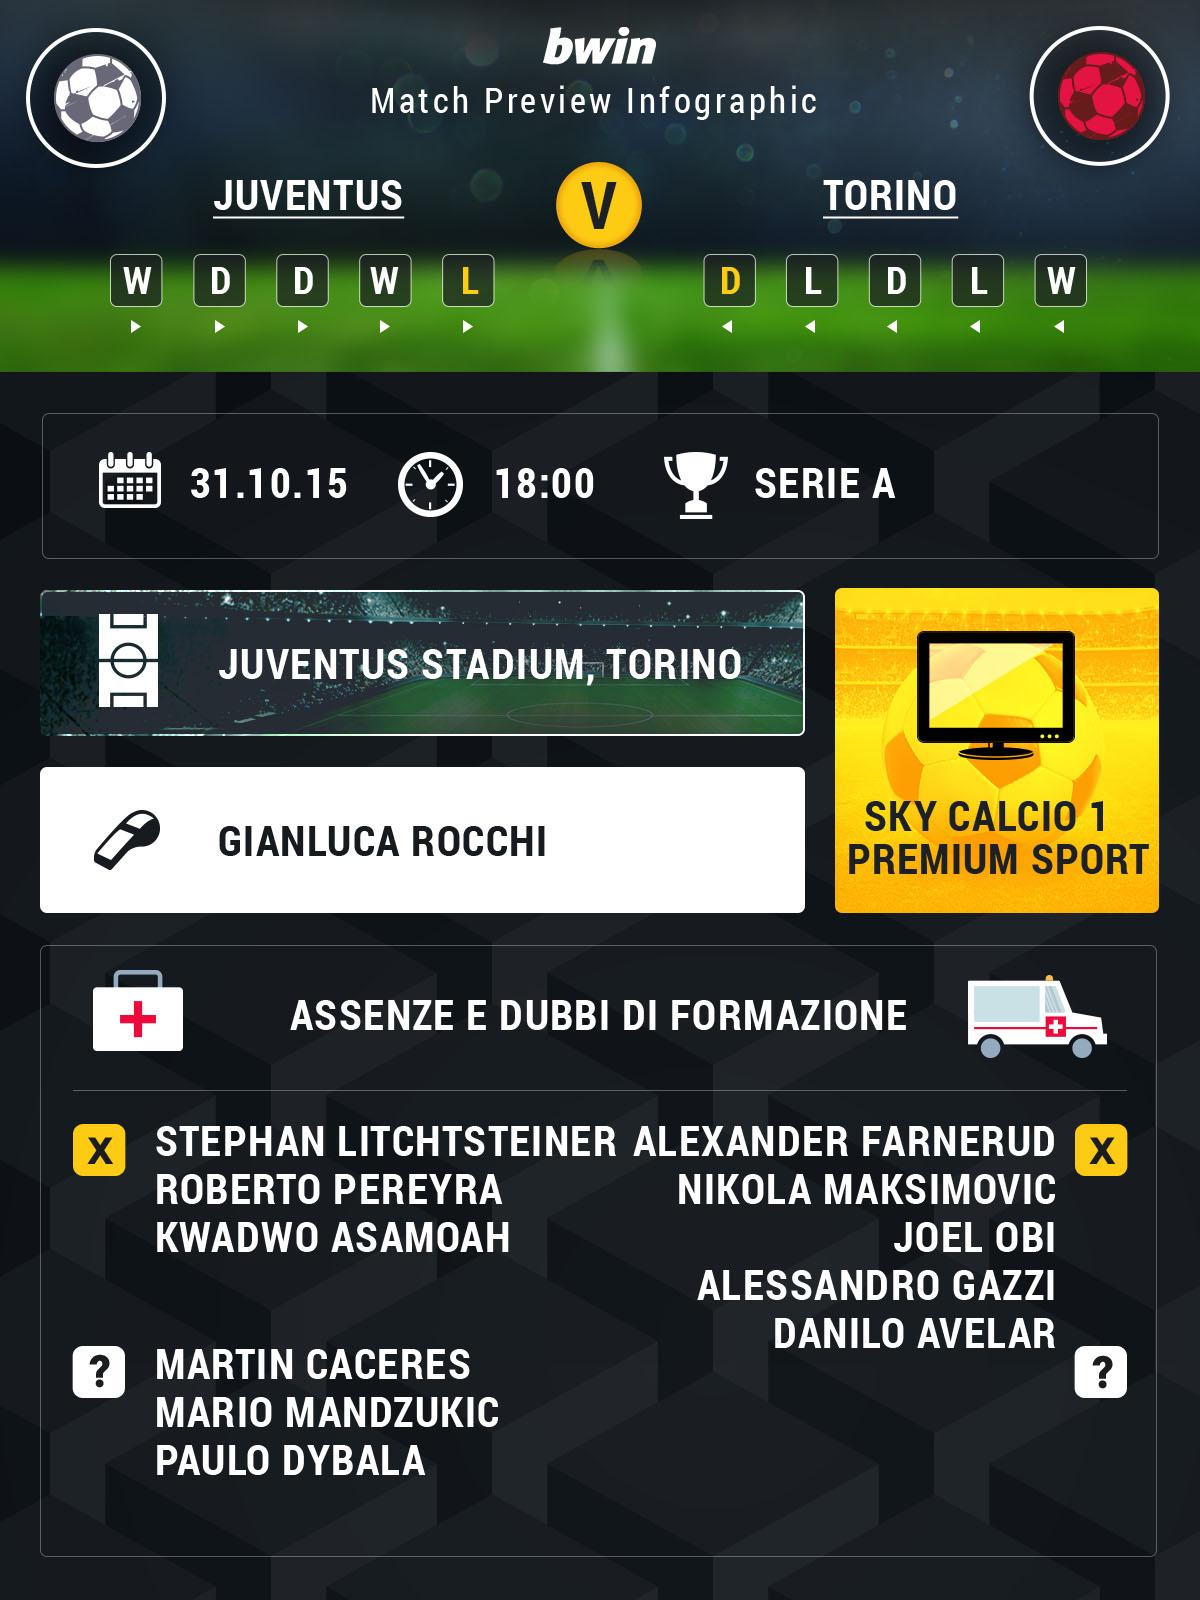 Juventus-Torino info